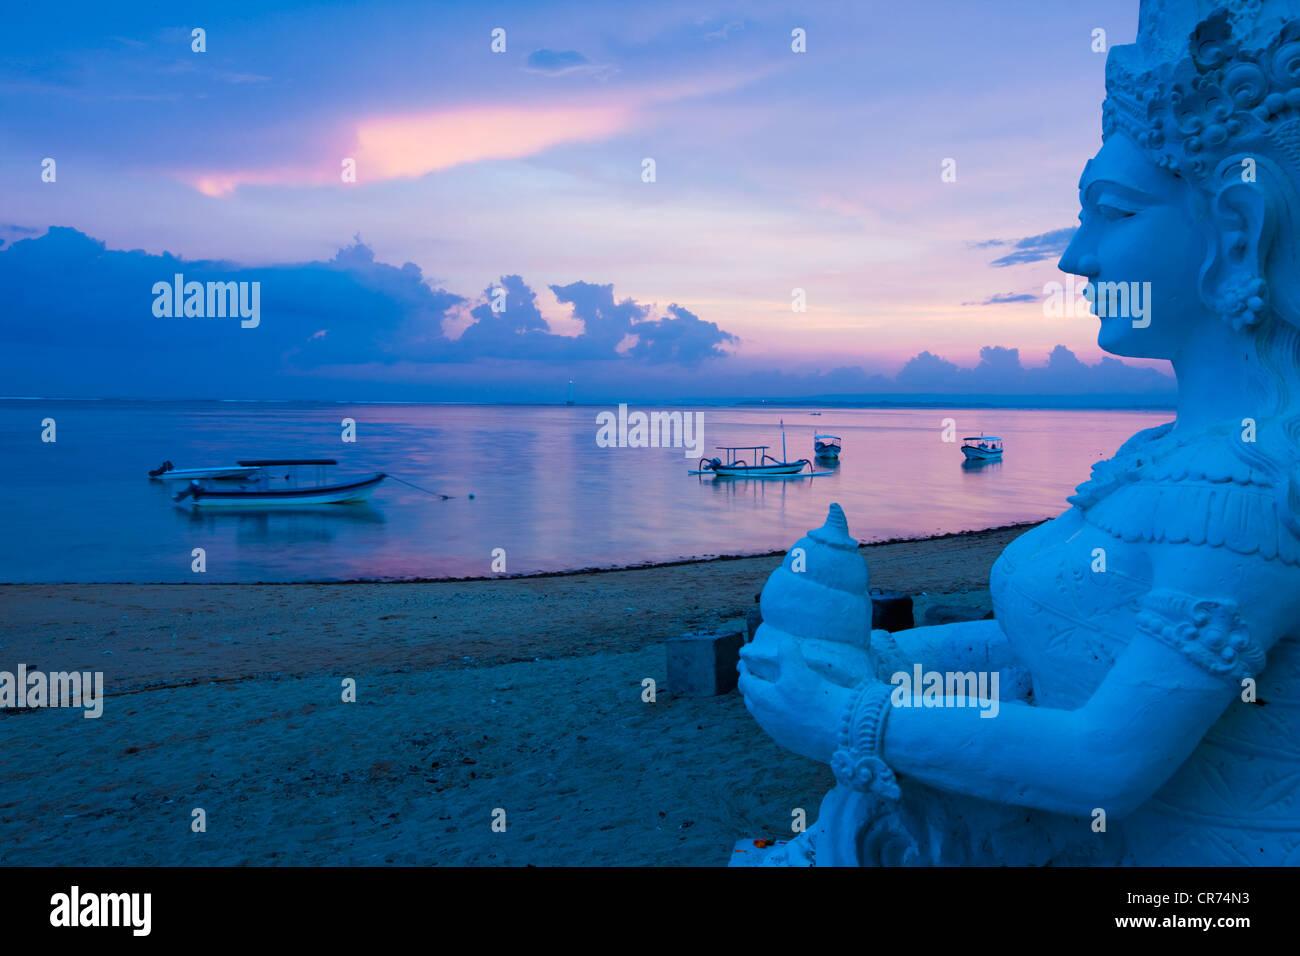 Indonesia, Bali, Sanur, Estatua con el mar de fondo al atardecer Foto de stock